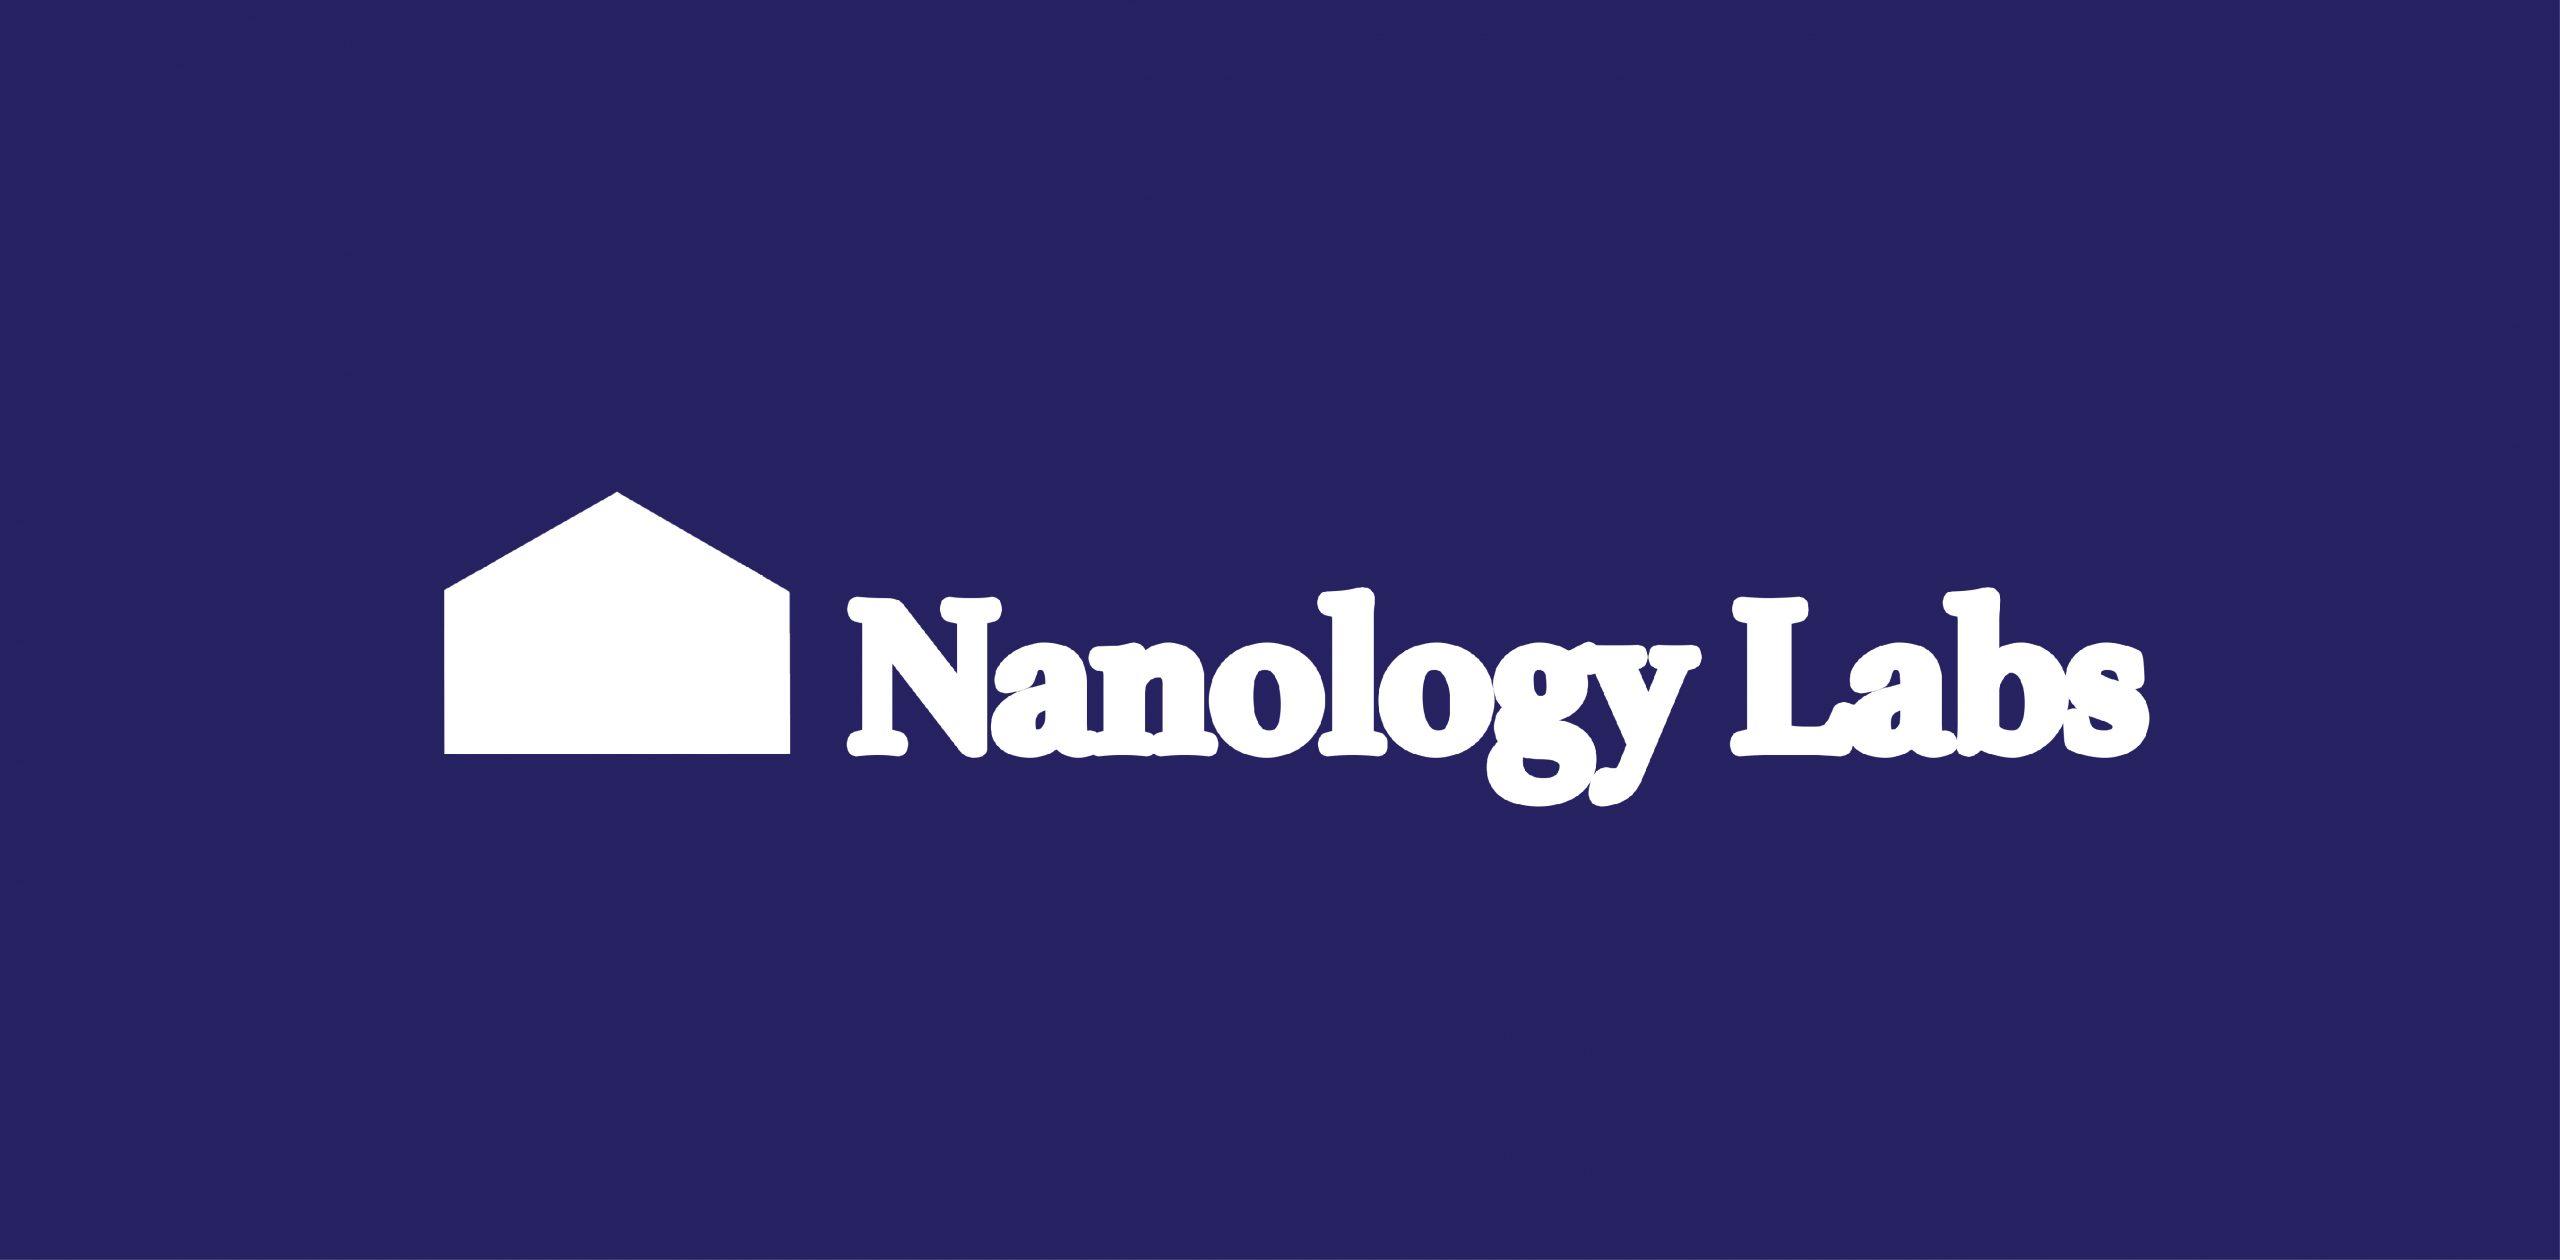 Nanology Labs__Fond_violet